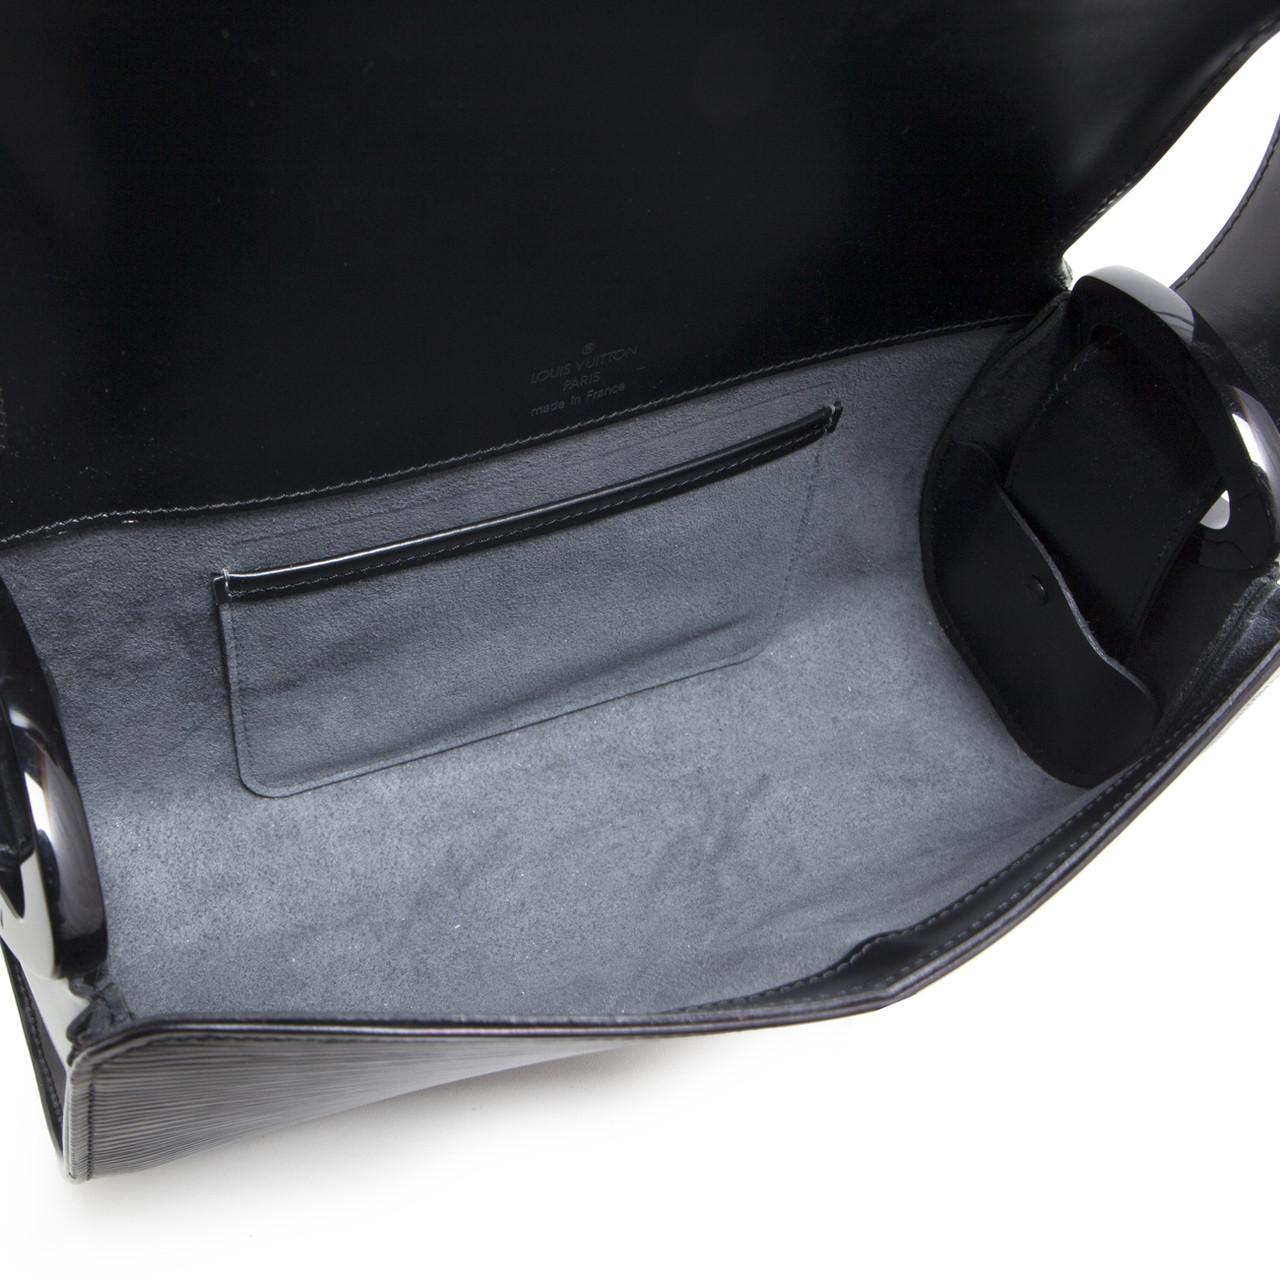 Louis Vuitton Black Epi Leather Nocturne PM - modaselle 61dea870ad573